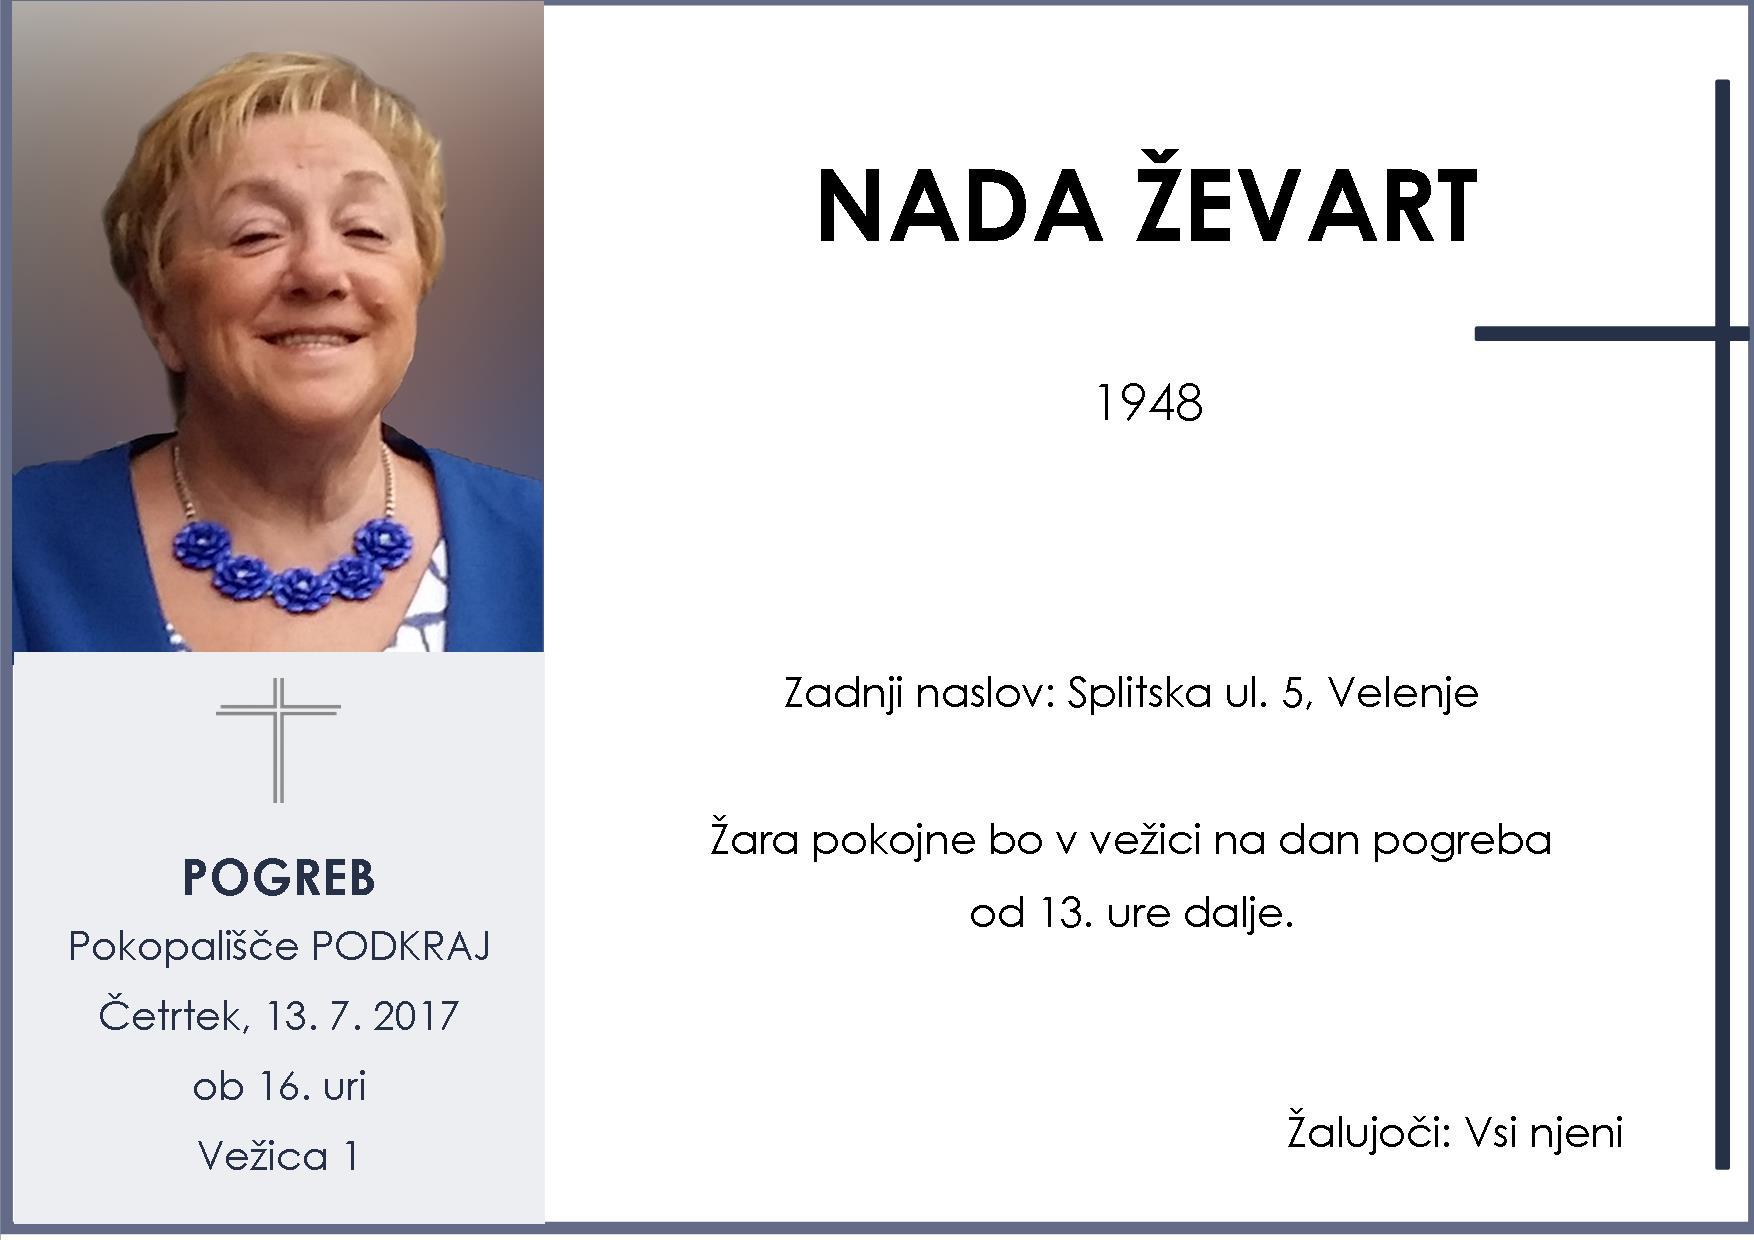 NADA ŽEVART, Podkraj, 13. 7. 2017